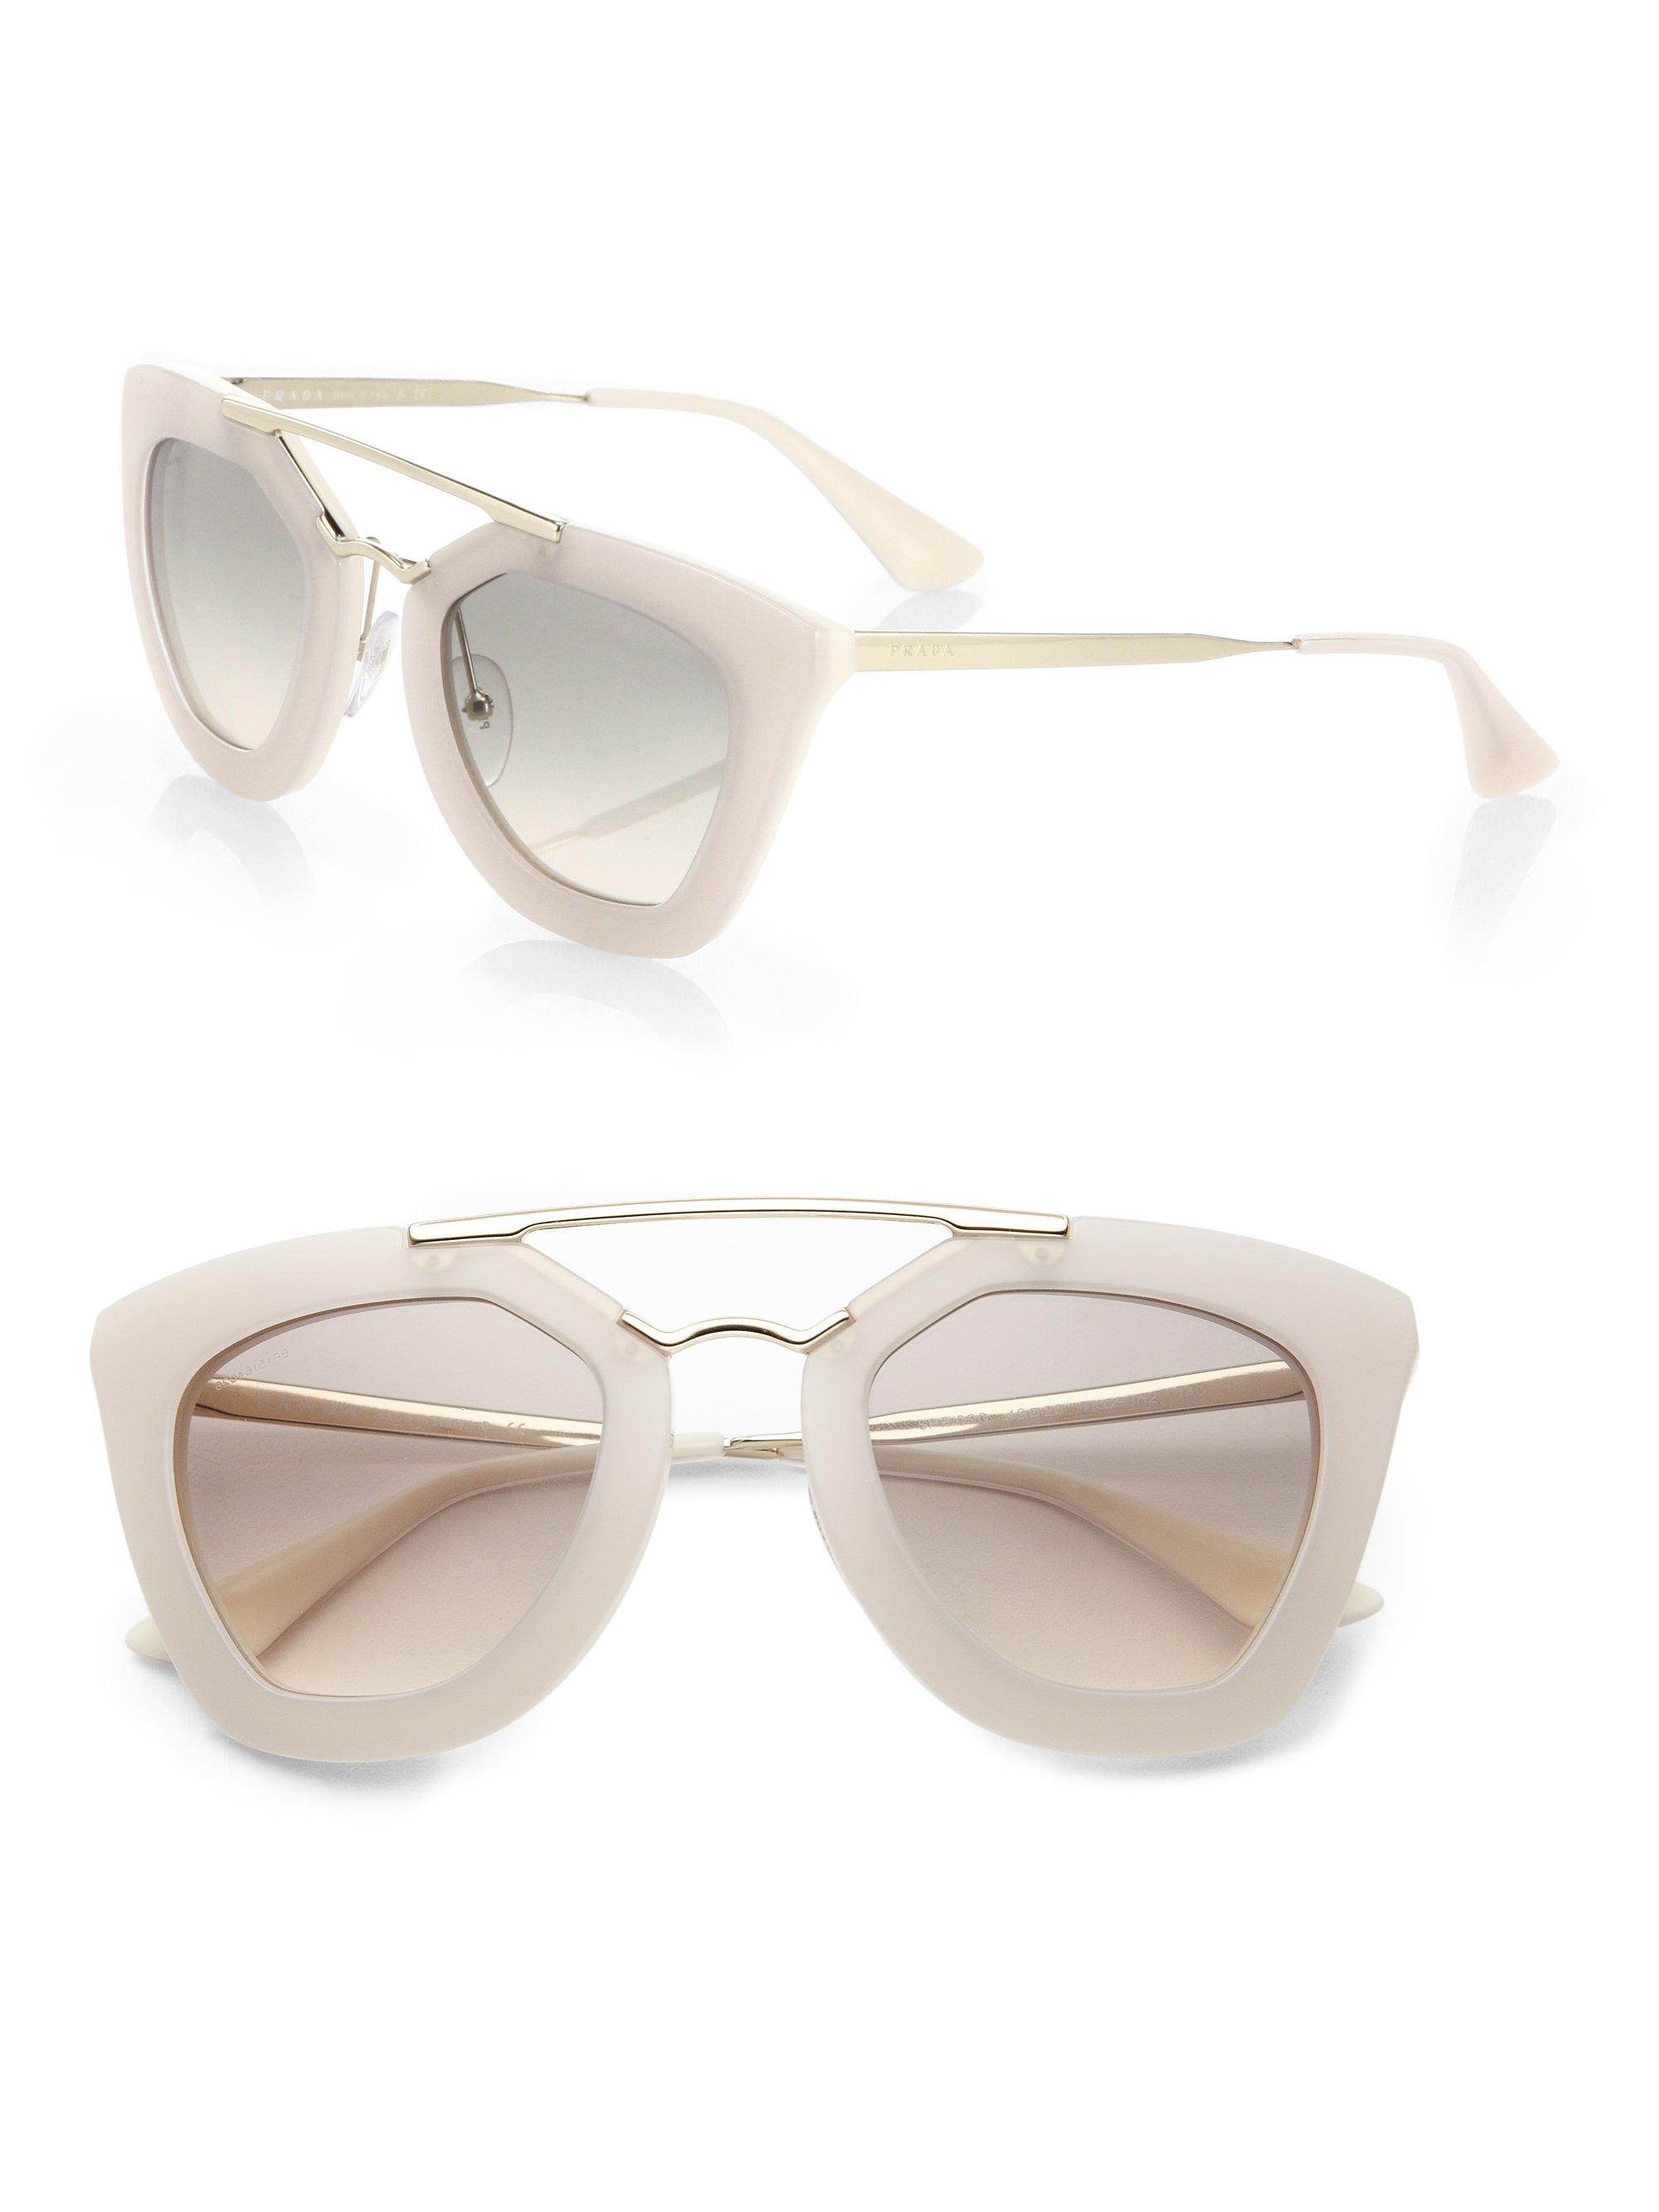 63aa9af56781 ... clearance lyst prada 49mm angular frame sunglasses in white ca047 56acd